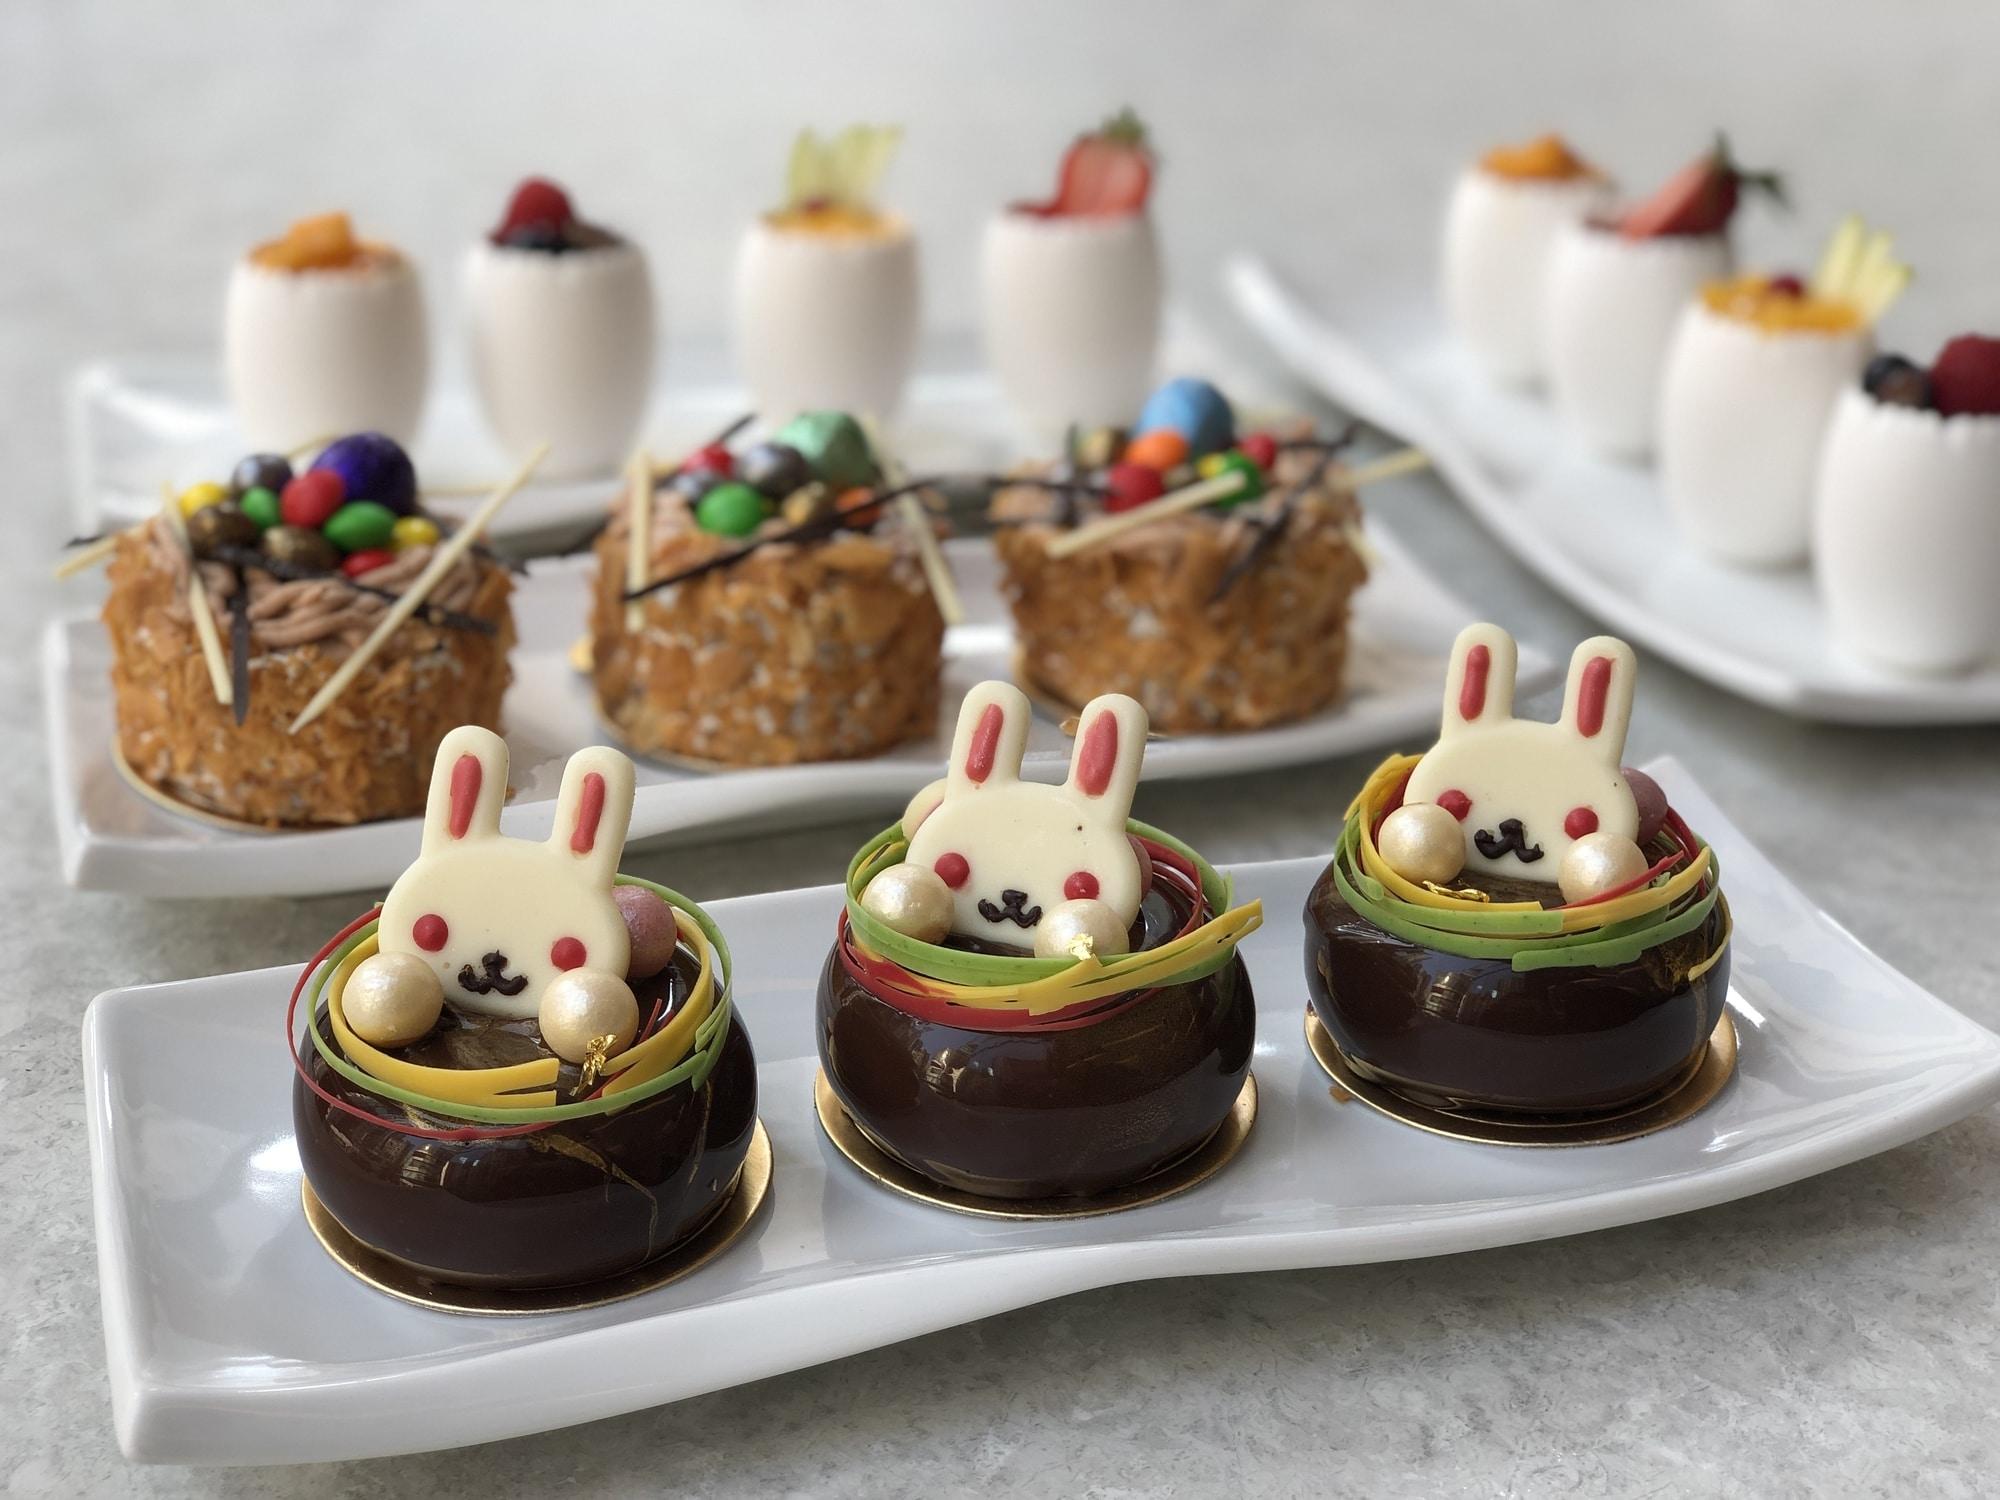 Garden Café - City Garden Hotel 綠茵閣 - 城市花園酒店 - OKiBook Hong Kong and Macau Restaurant Buffet booking 餐廳和自助餐預訂香港和澳門 Easter Desserts